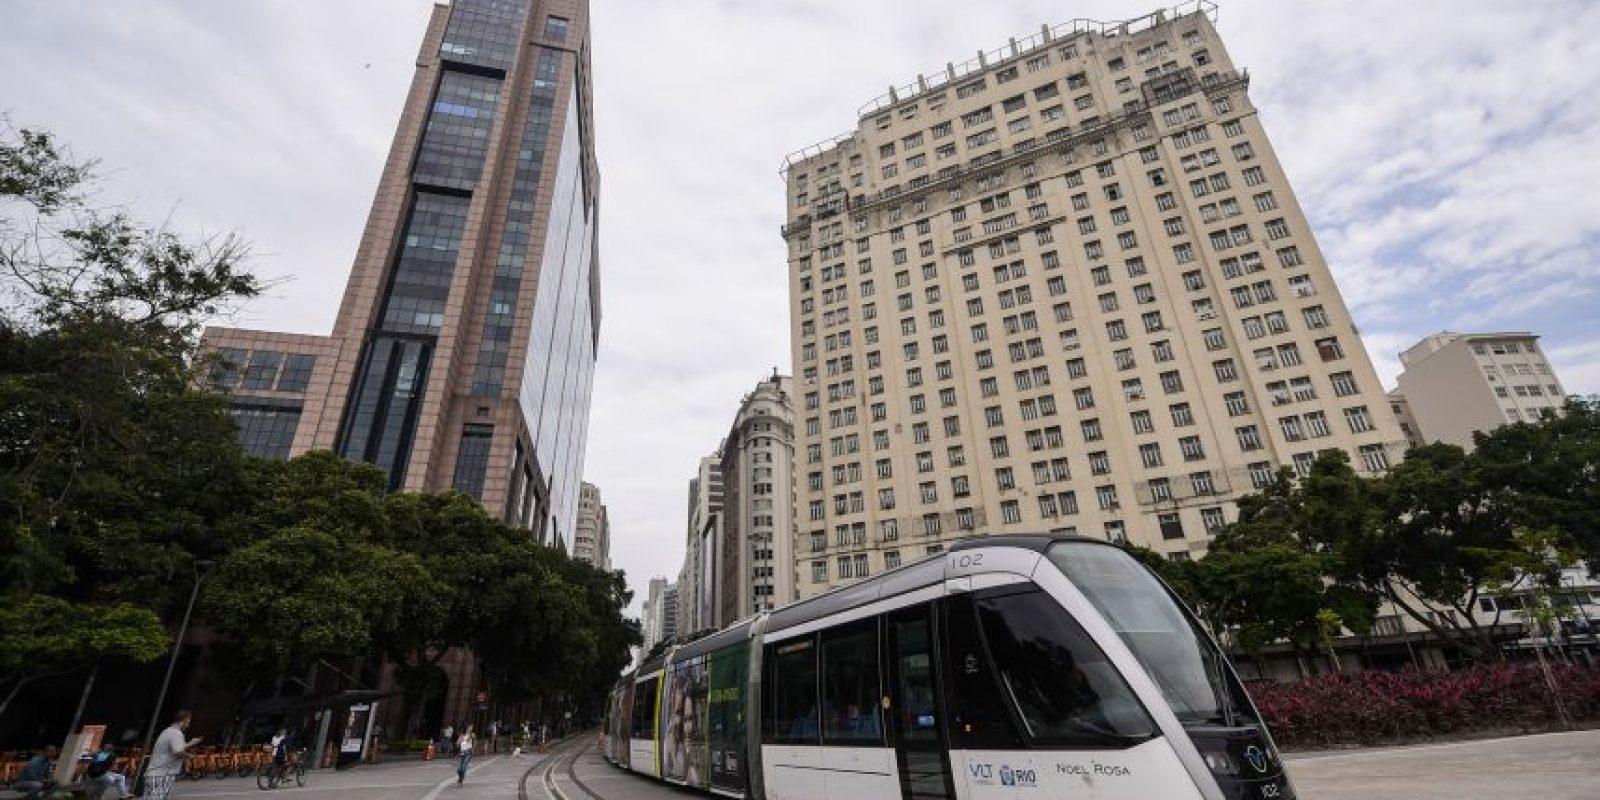 Tren ligero integra el centro. Foto:Bruna Prado/ Metro Rio